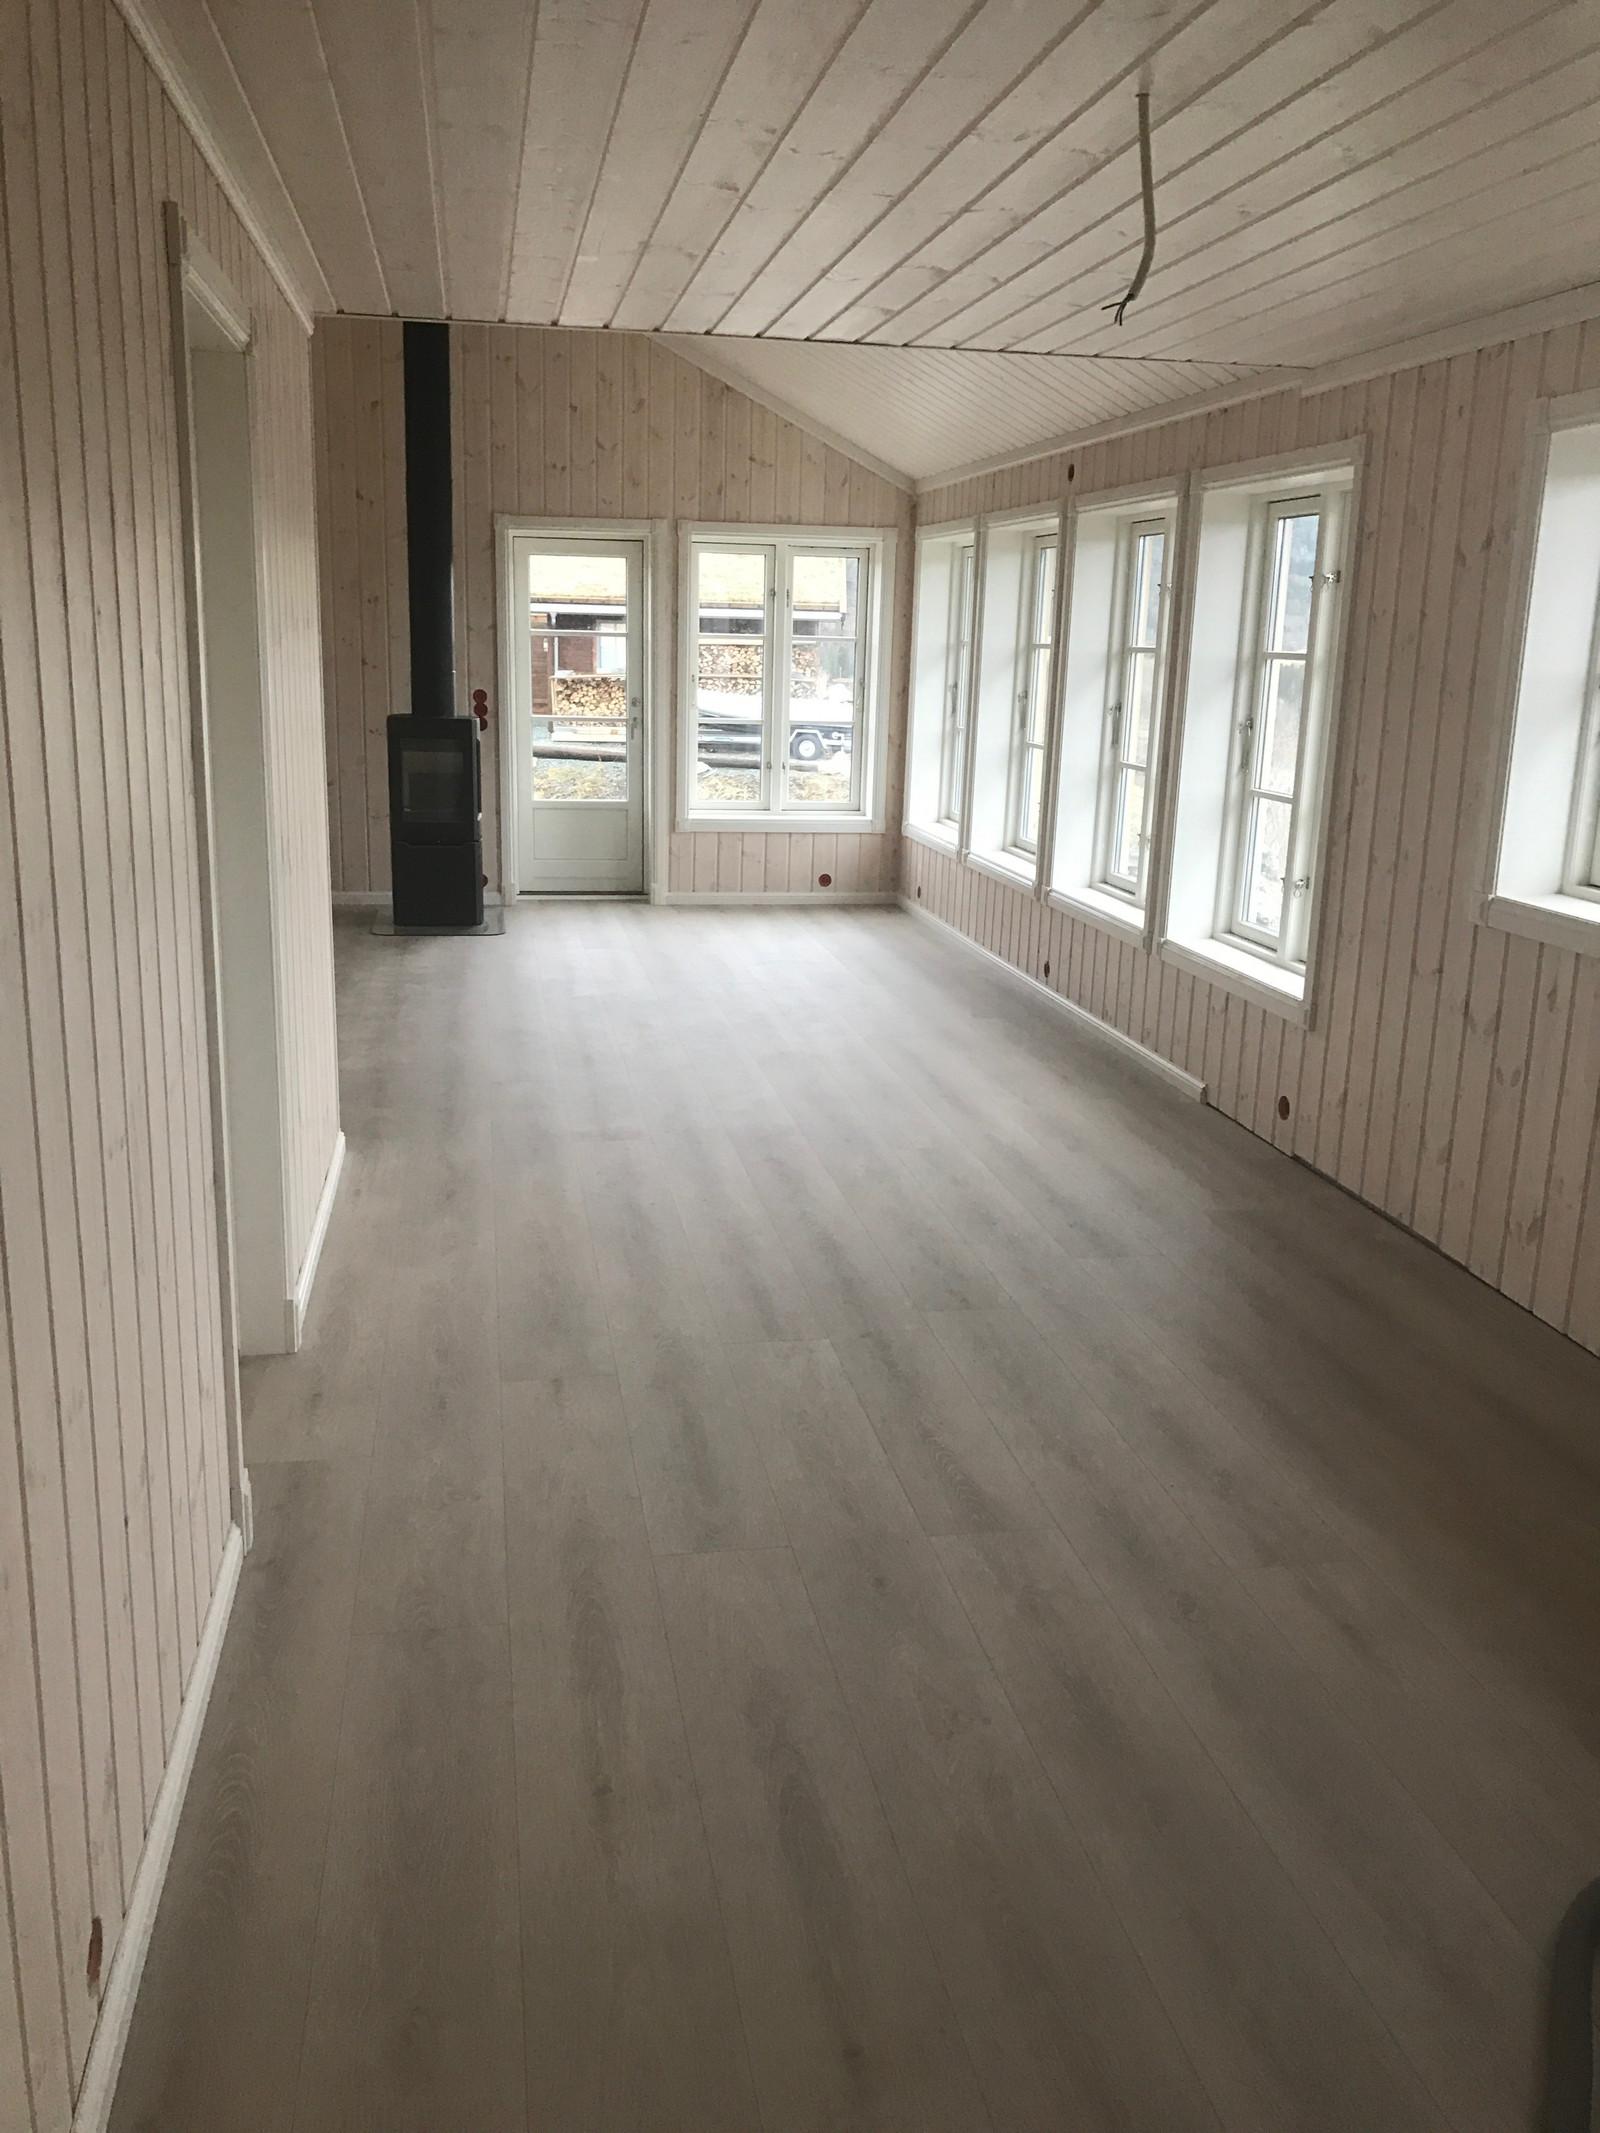 Bilde fra tilsvarende hytte fra en annen tomt, kundetilpasninger kan forekomme.